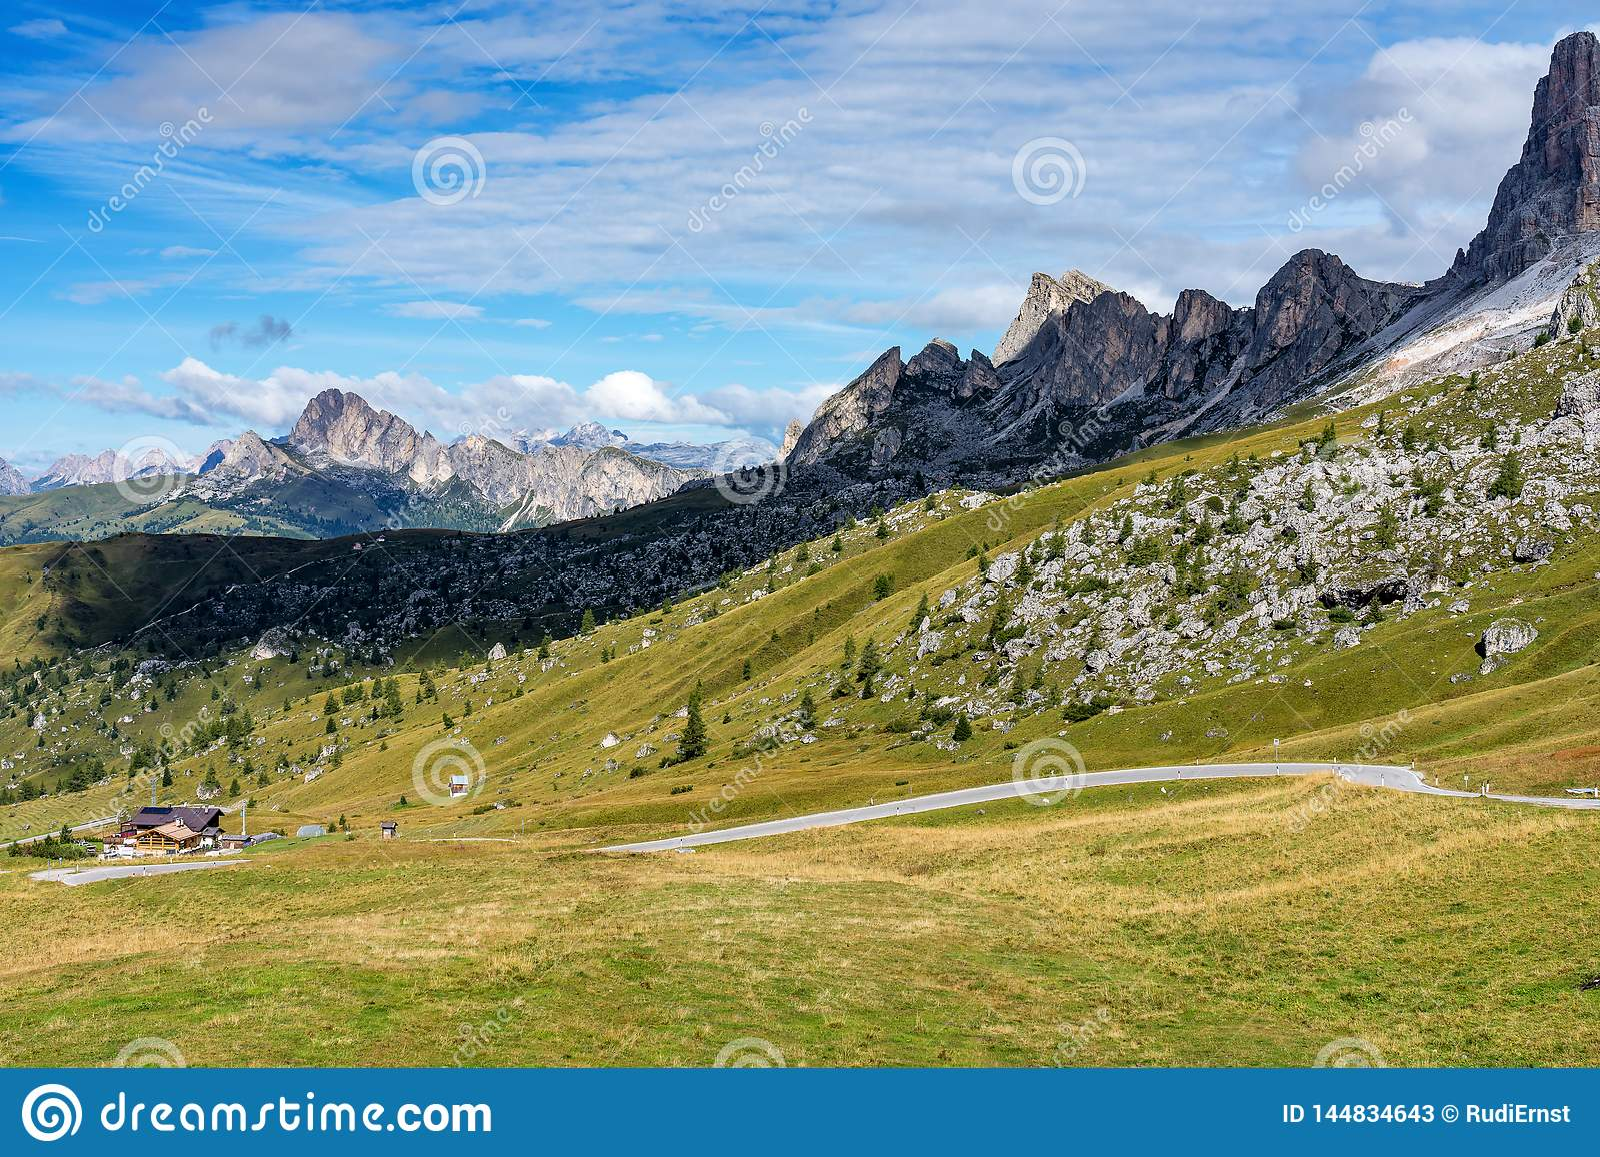 W?ochy dolomit?w moutnain - Passo Di Giau w Po?udniowym Tyrol